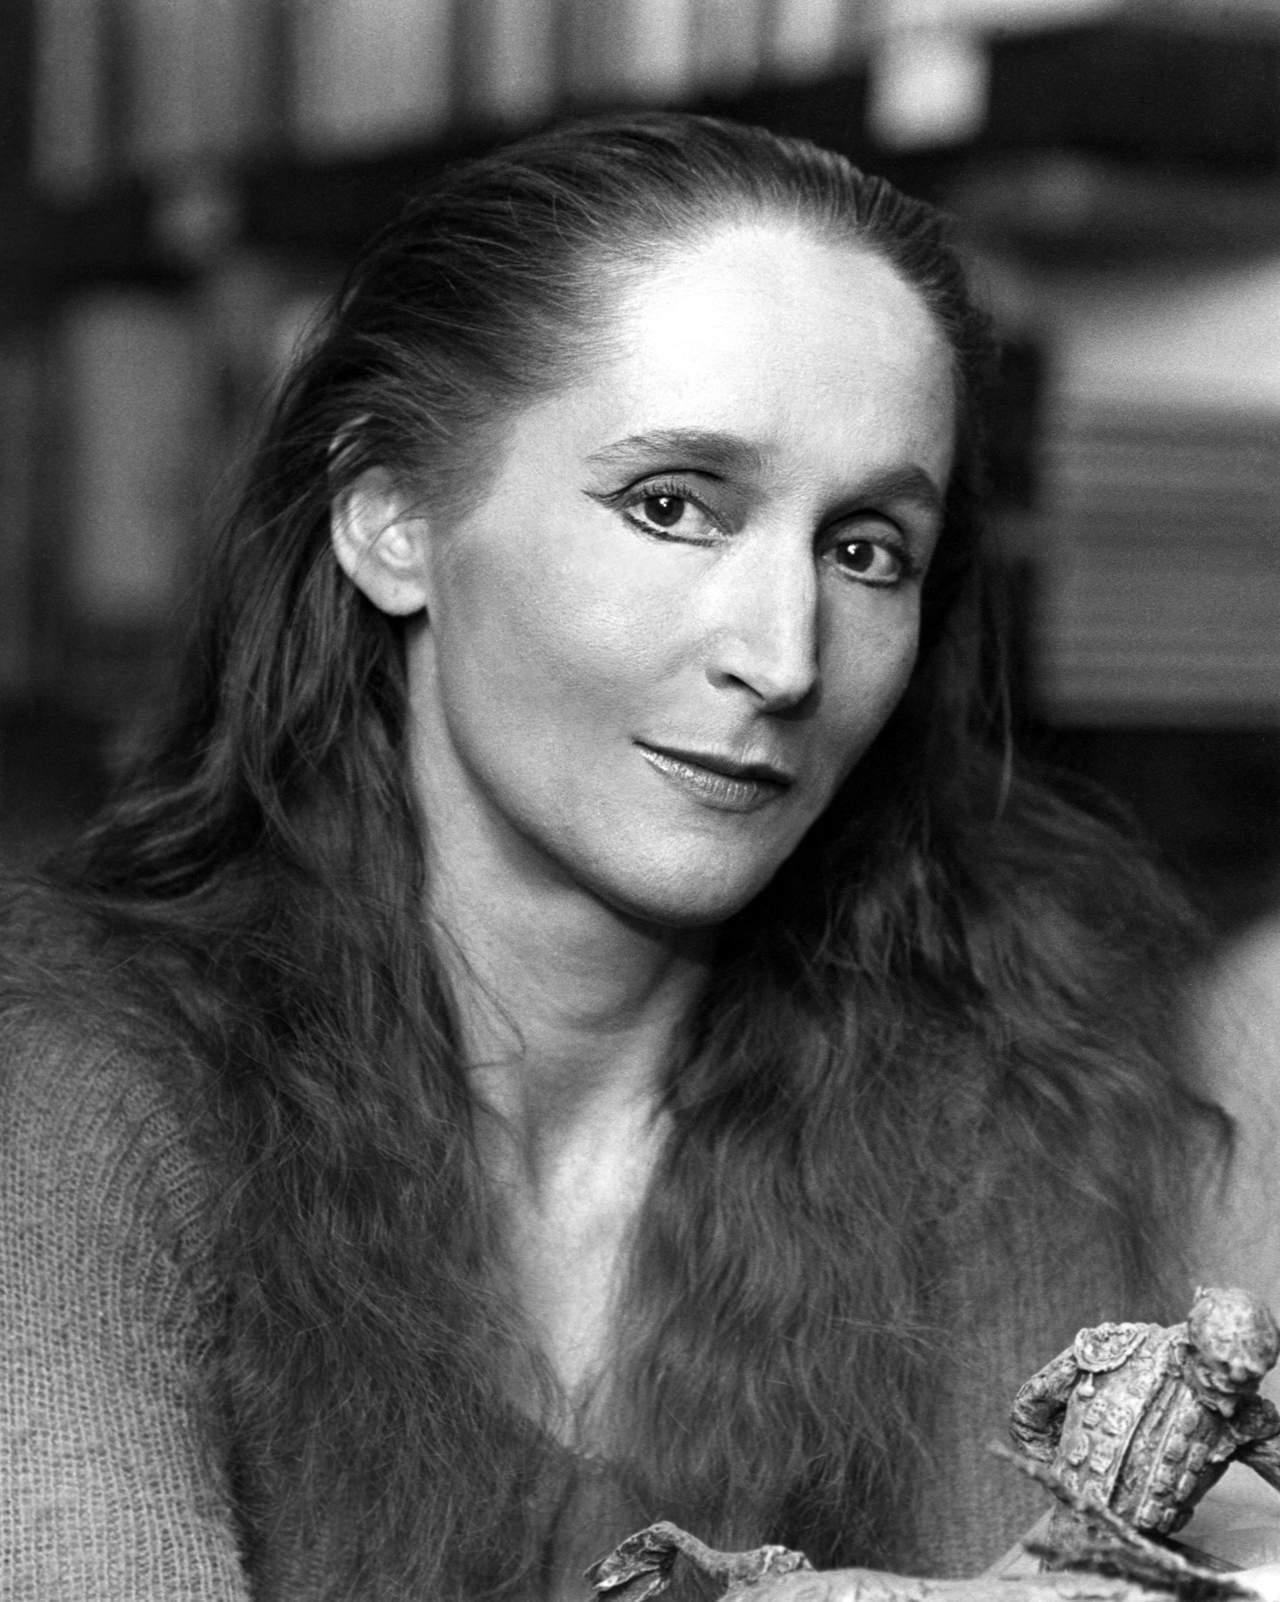 1934: Da su primer respiro Gloria Contreras, reconocida coreógrafa, bailarina y académica mexicana